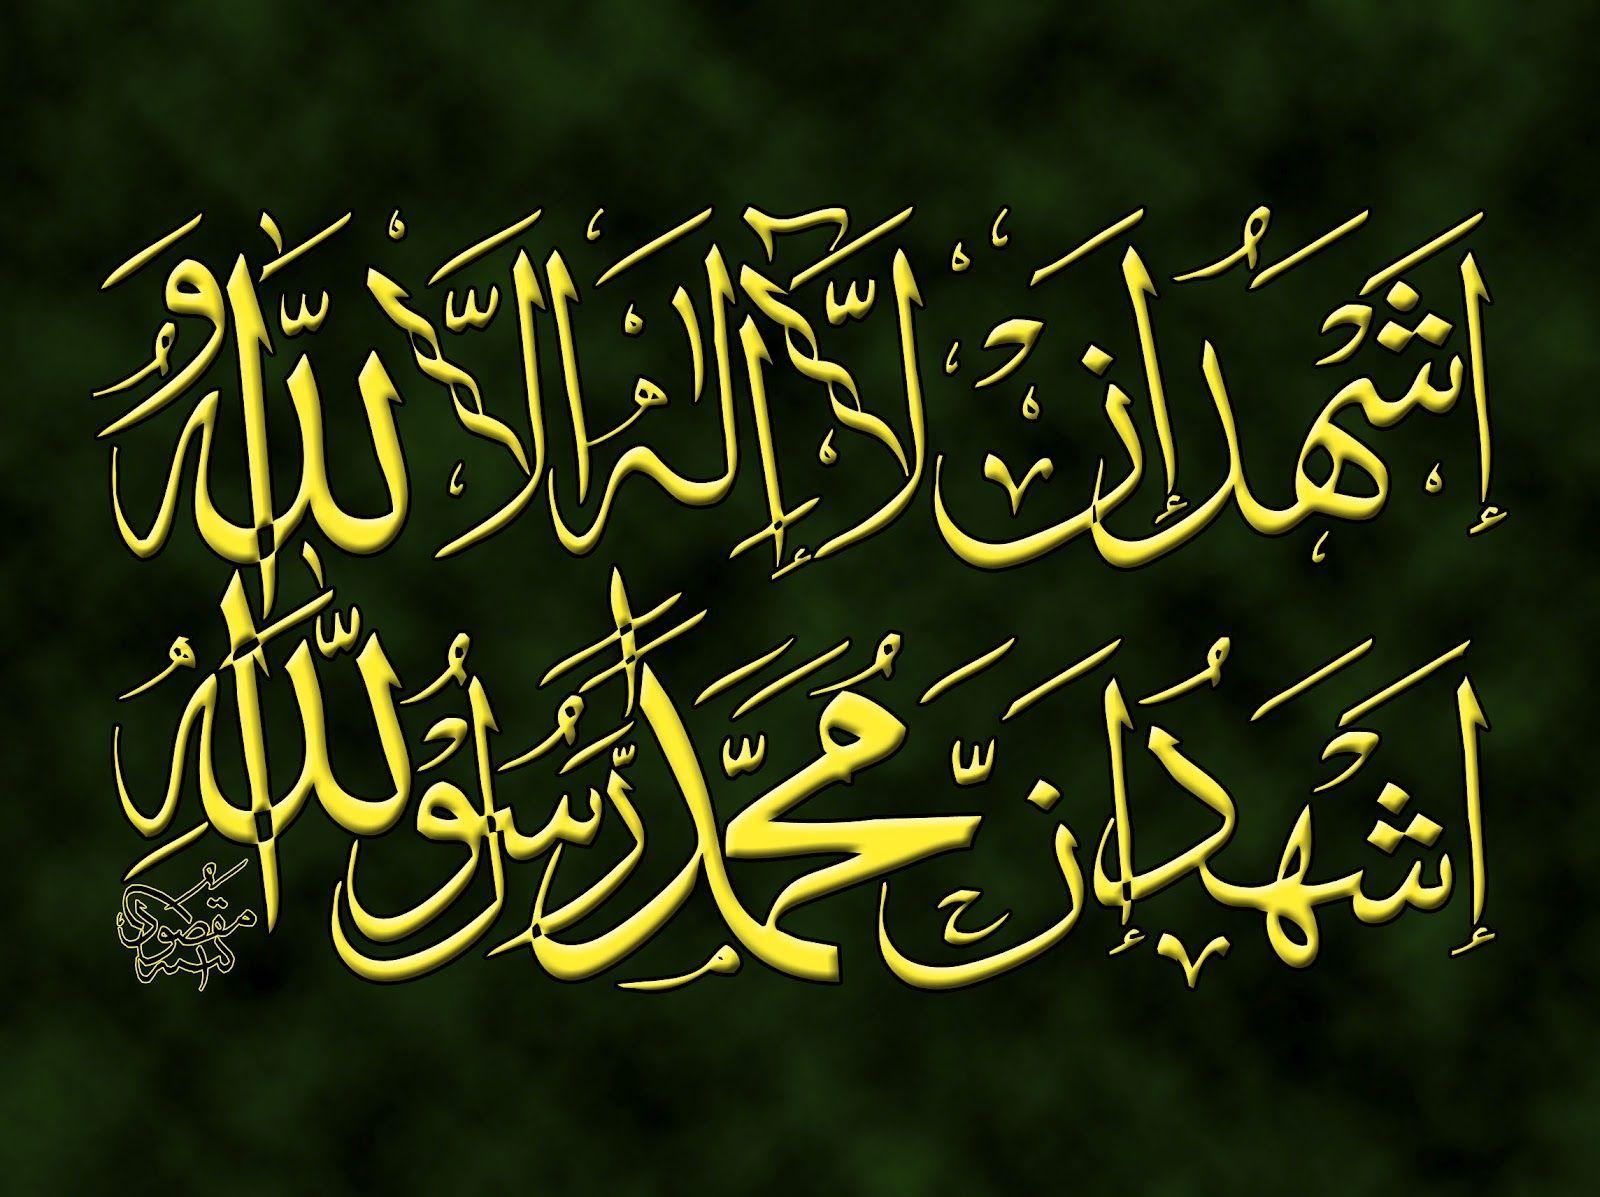 أشهد أن لا إله إلا الله .. وأشهد أن محمداً رسول الله